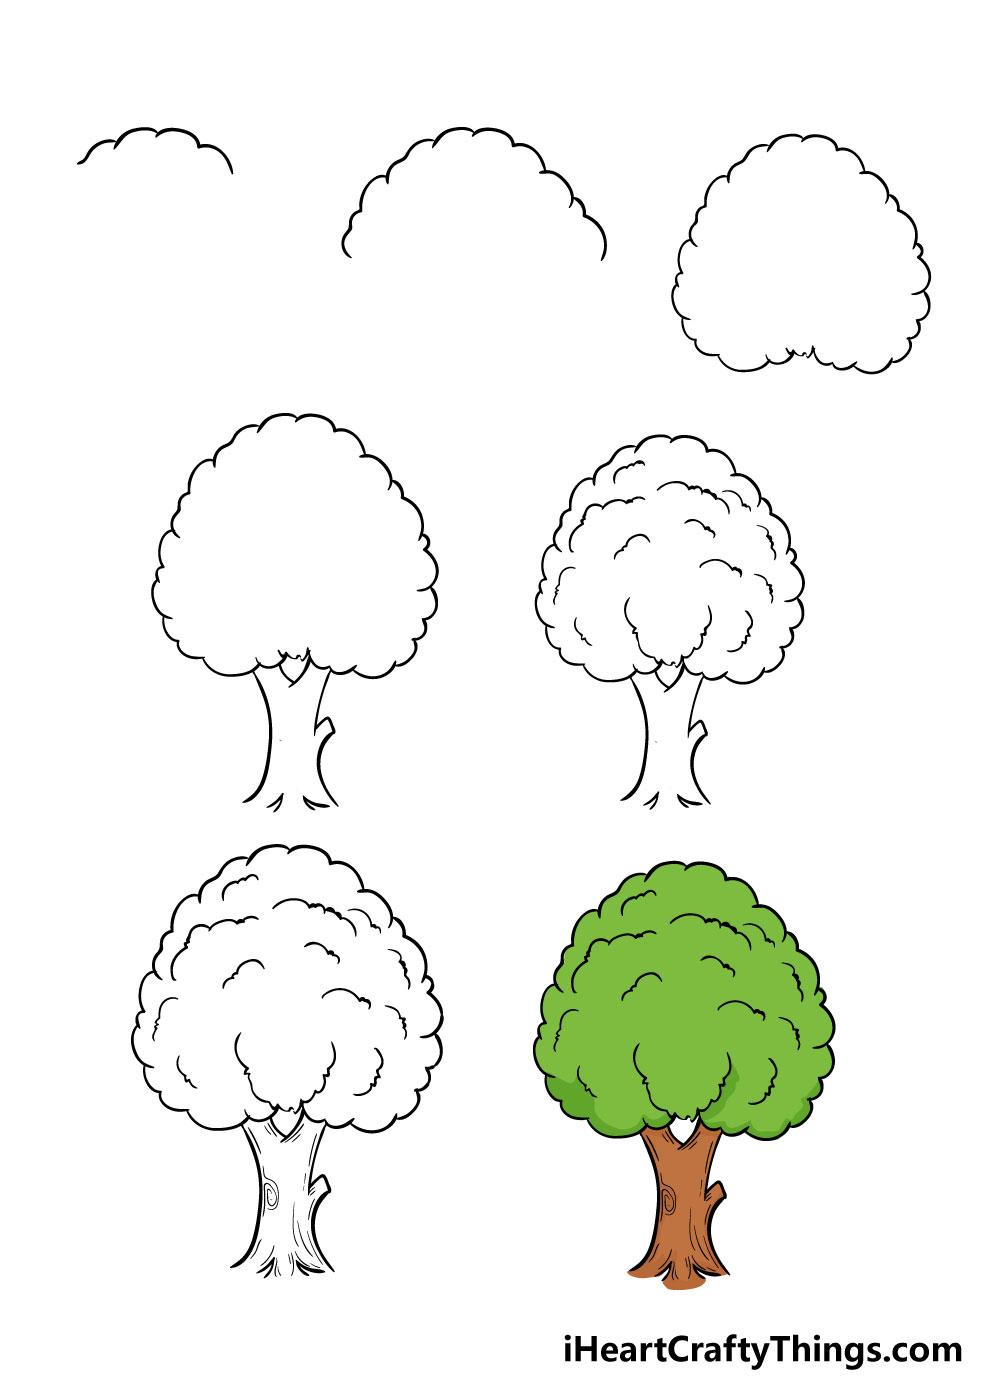 cách vẽ một cái cây trong 7 bước